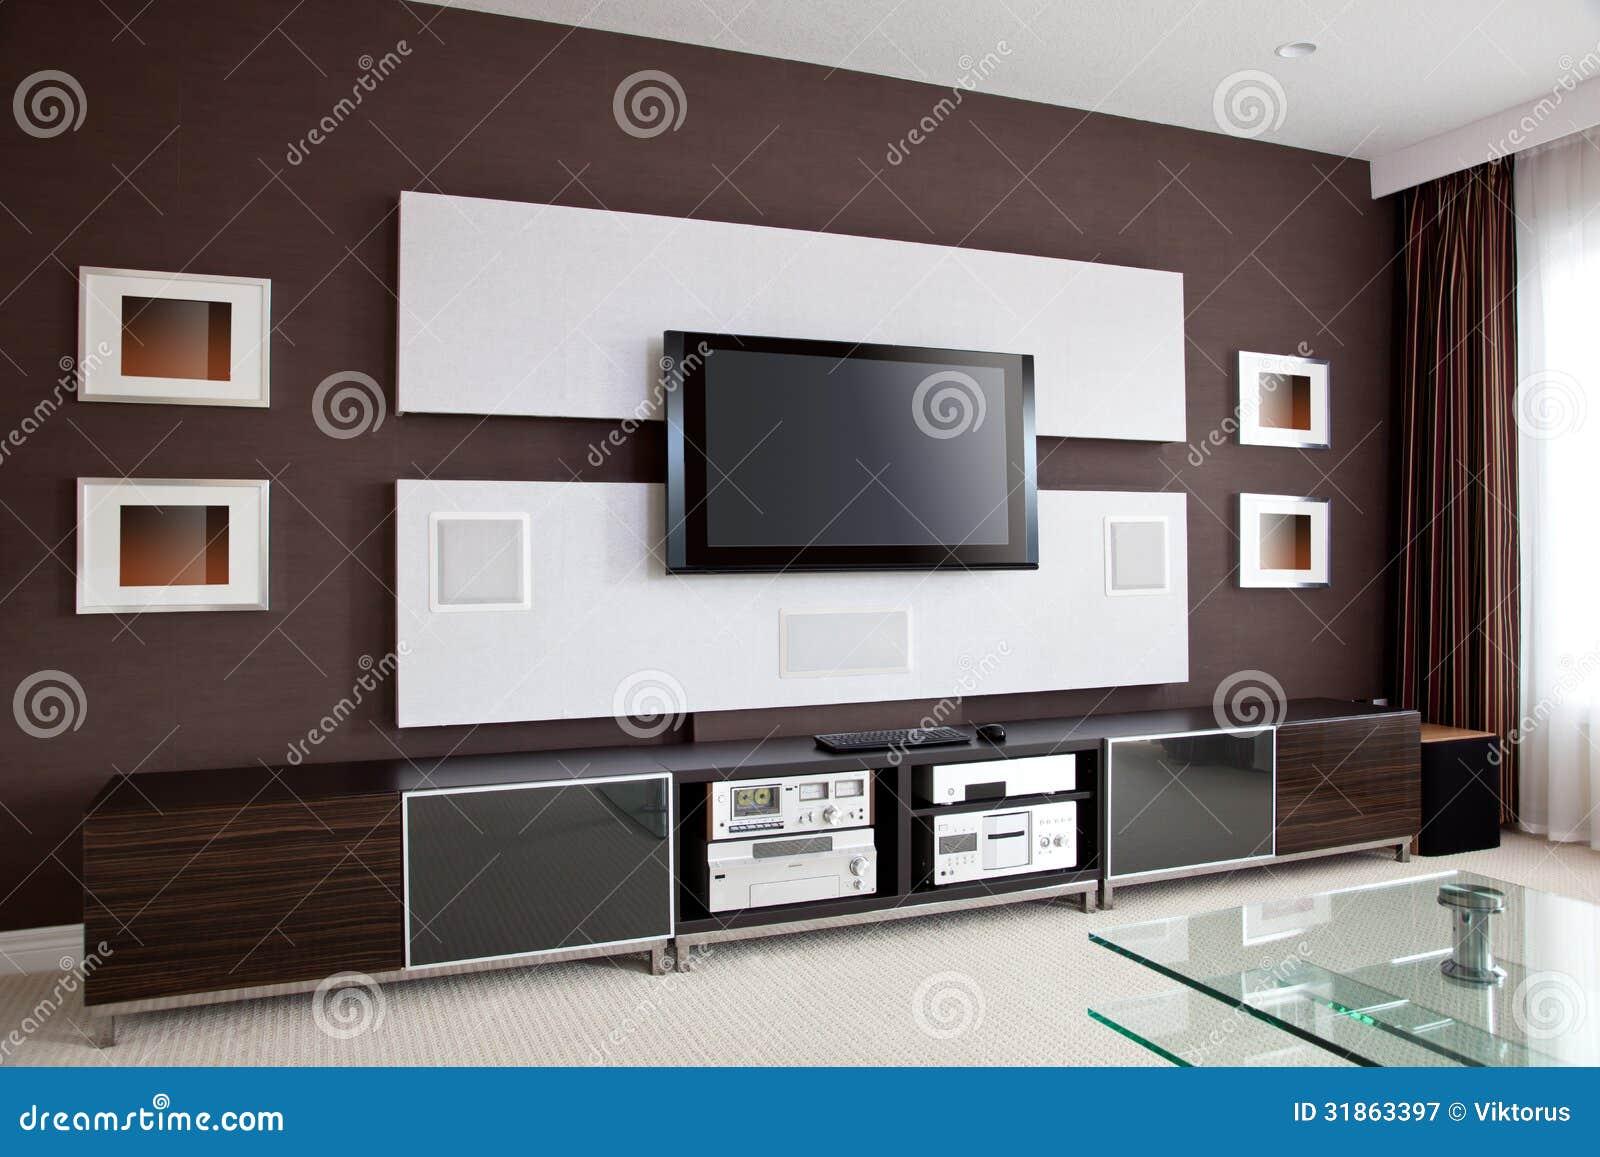 led tv kabel verstecken interessante ideen f r die gestaltung eines raumes in. Black Bedroom Furniture Sets. Home Design Ideas